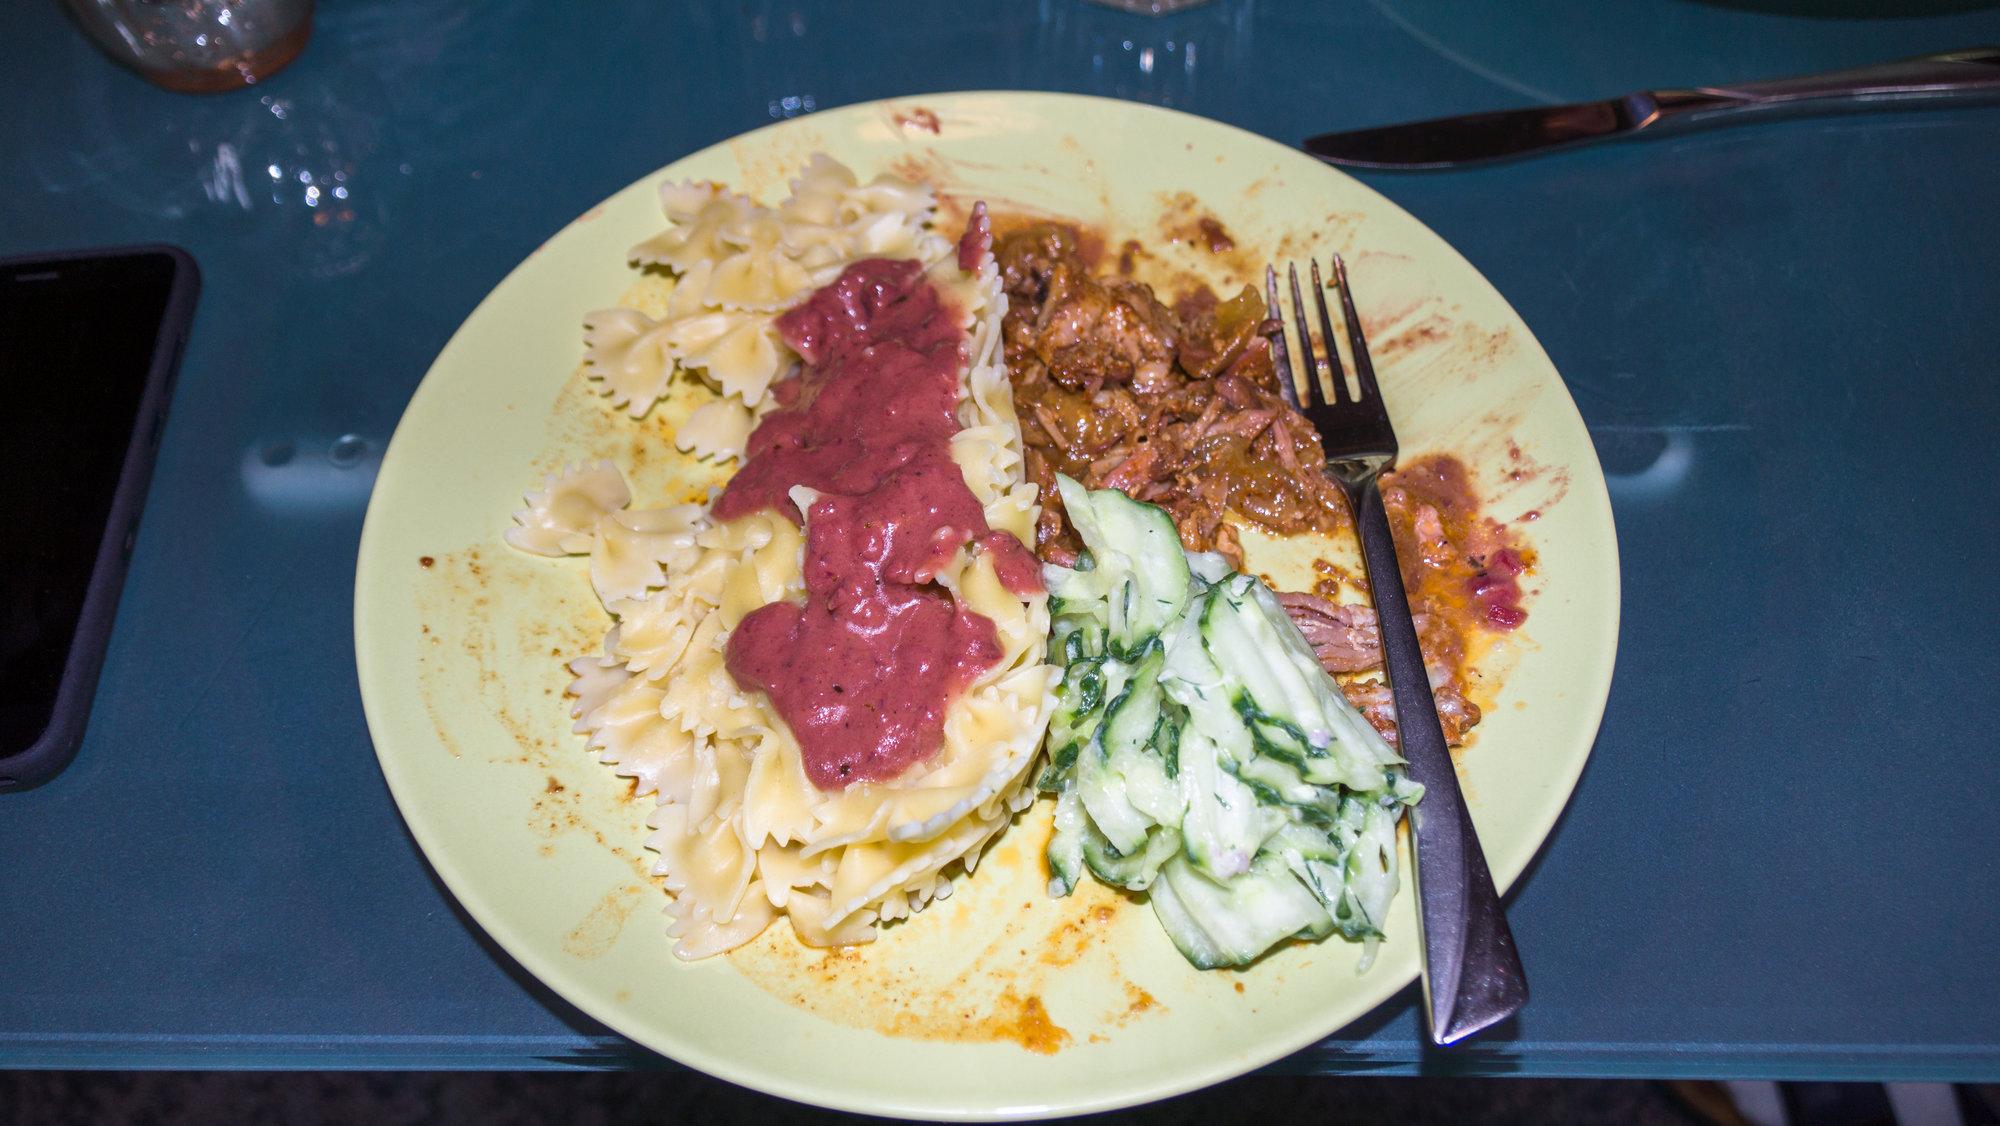 Bärenhunger-Schichtfleisch-Dopf-09359.jpg